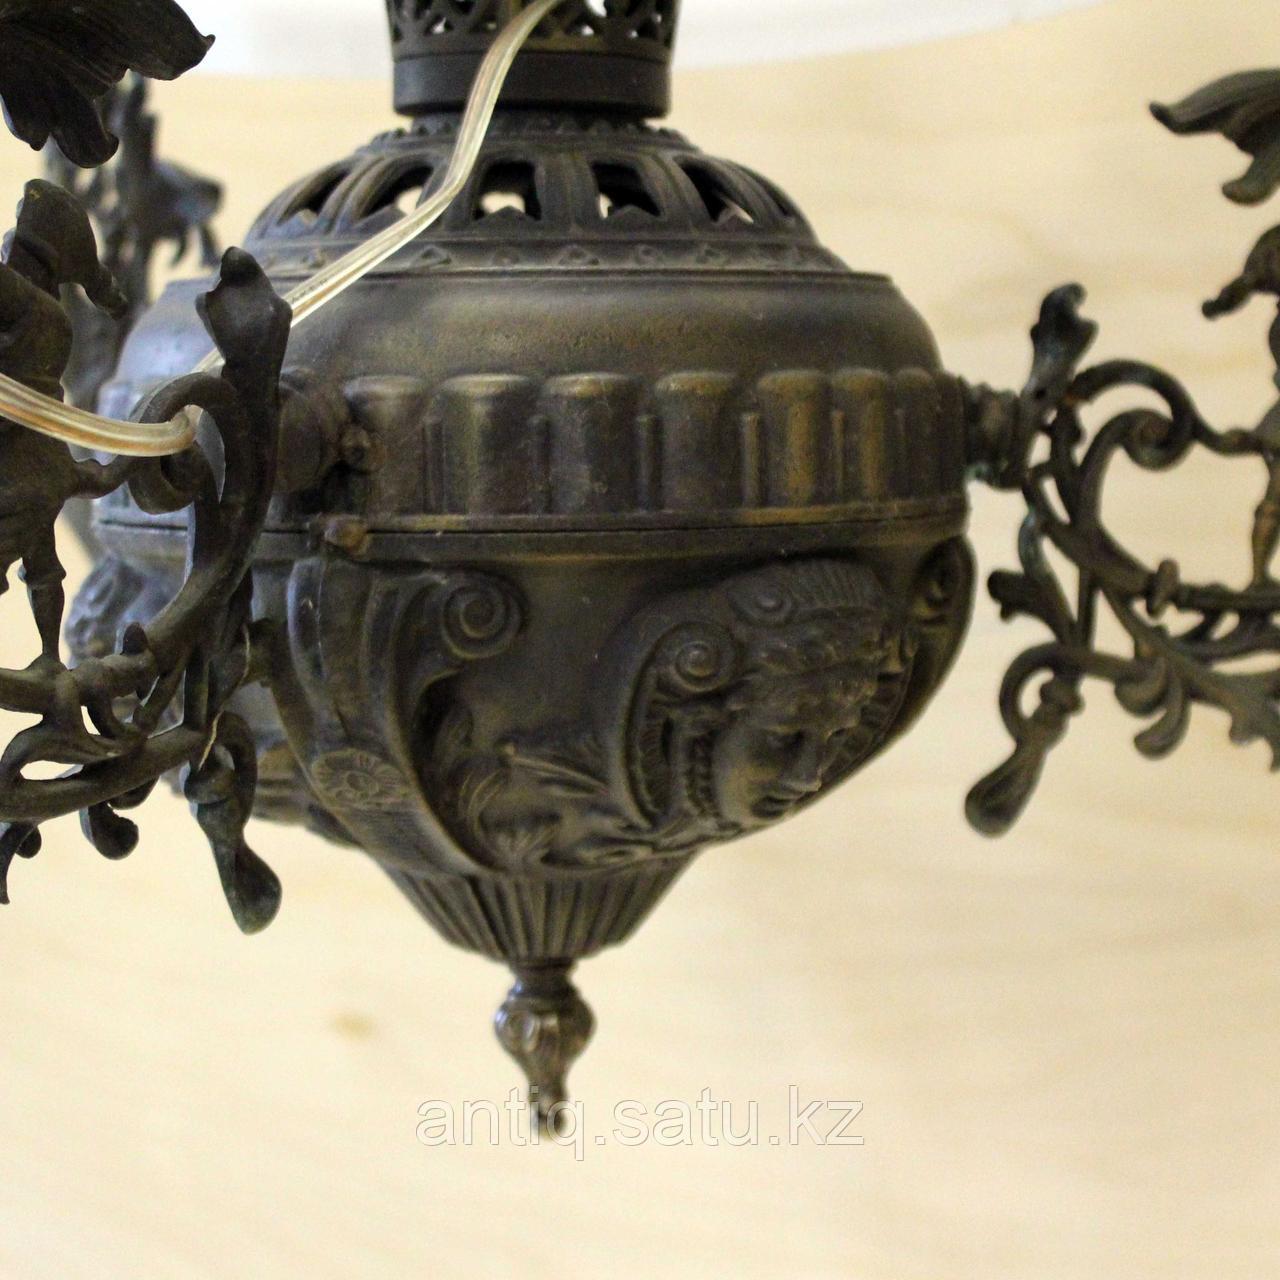 Люстра с куполом. Западная Европа - фото 4